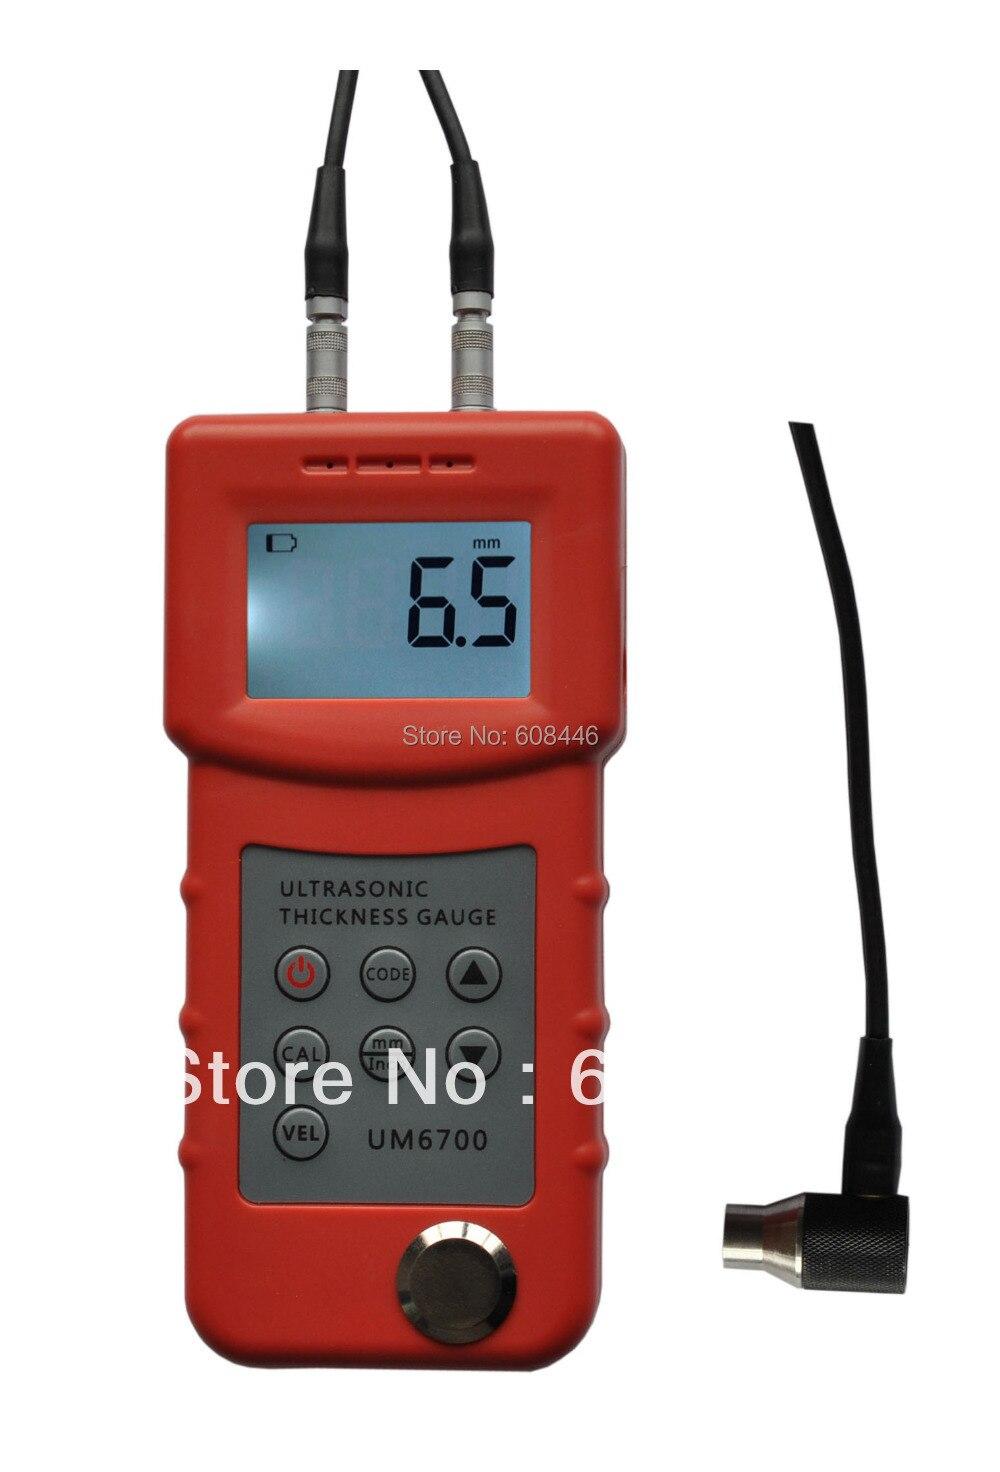 Preciso Medidor de Espessura, Medidor de Espessura do Metal UM6700, pode testar muitos onda ultra-sônica-materiais condutores